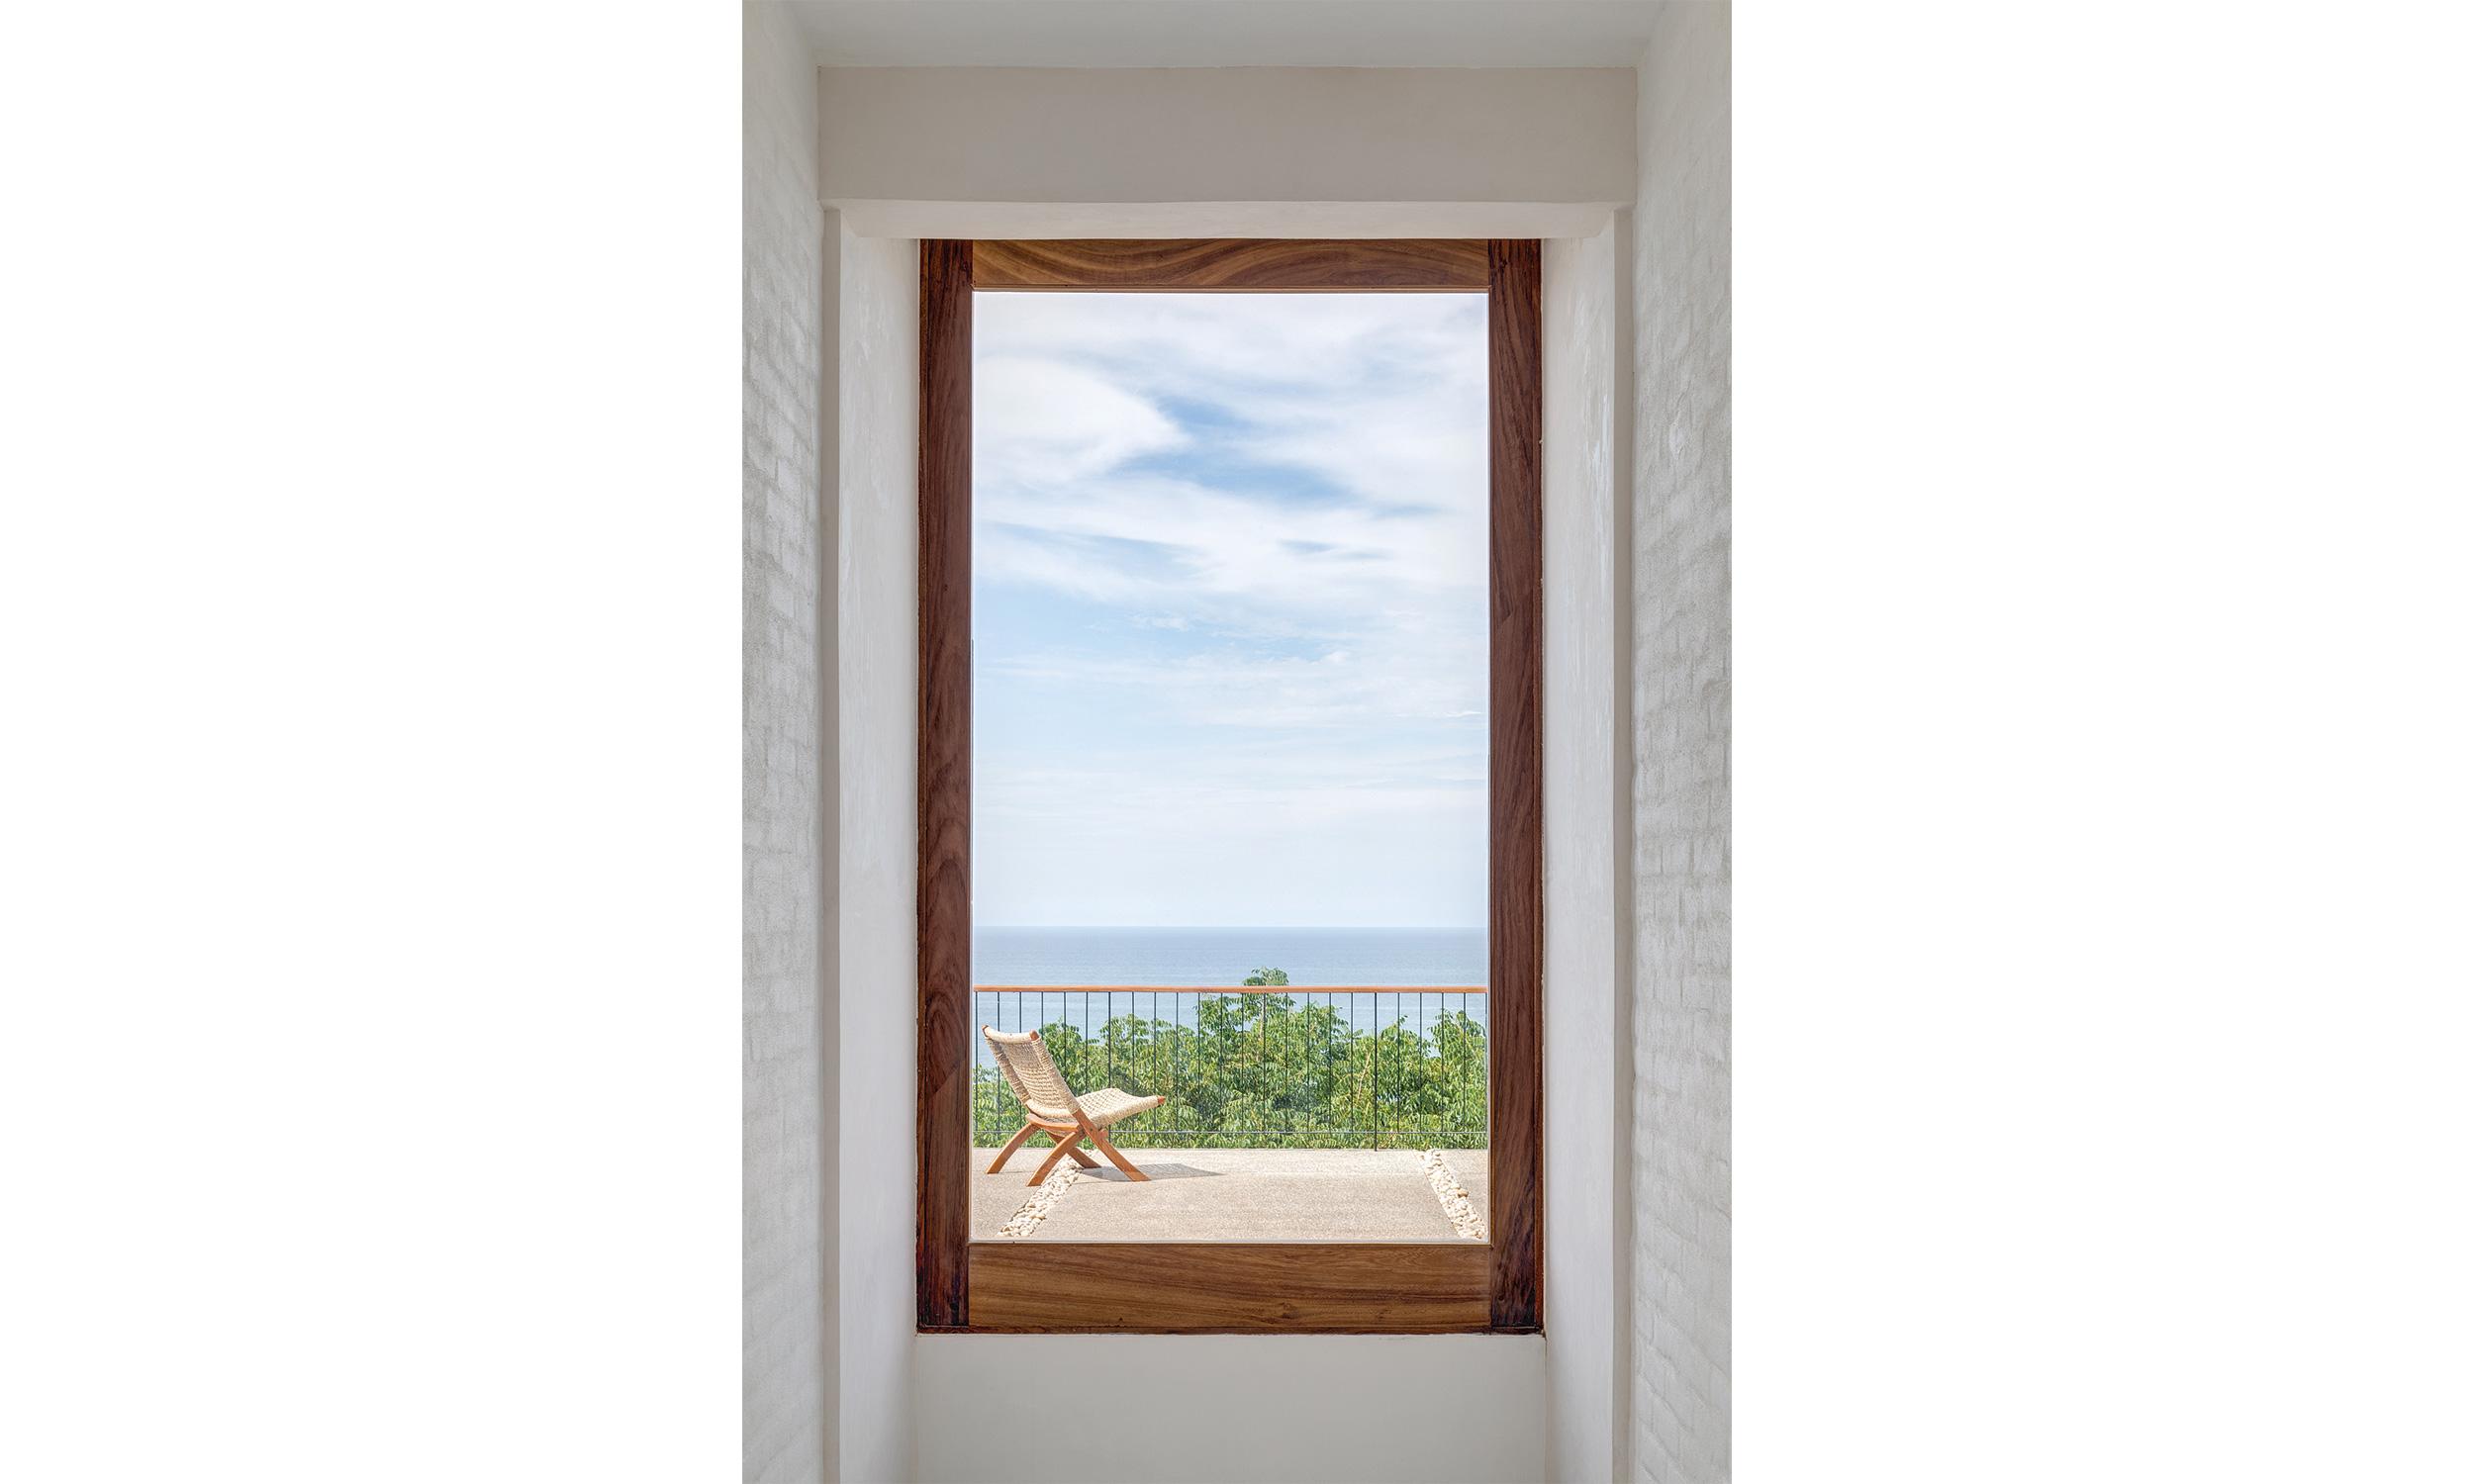 main_office_casa_reavis_rafaél_gamo_0299_window